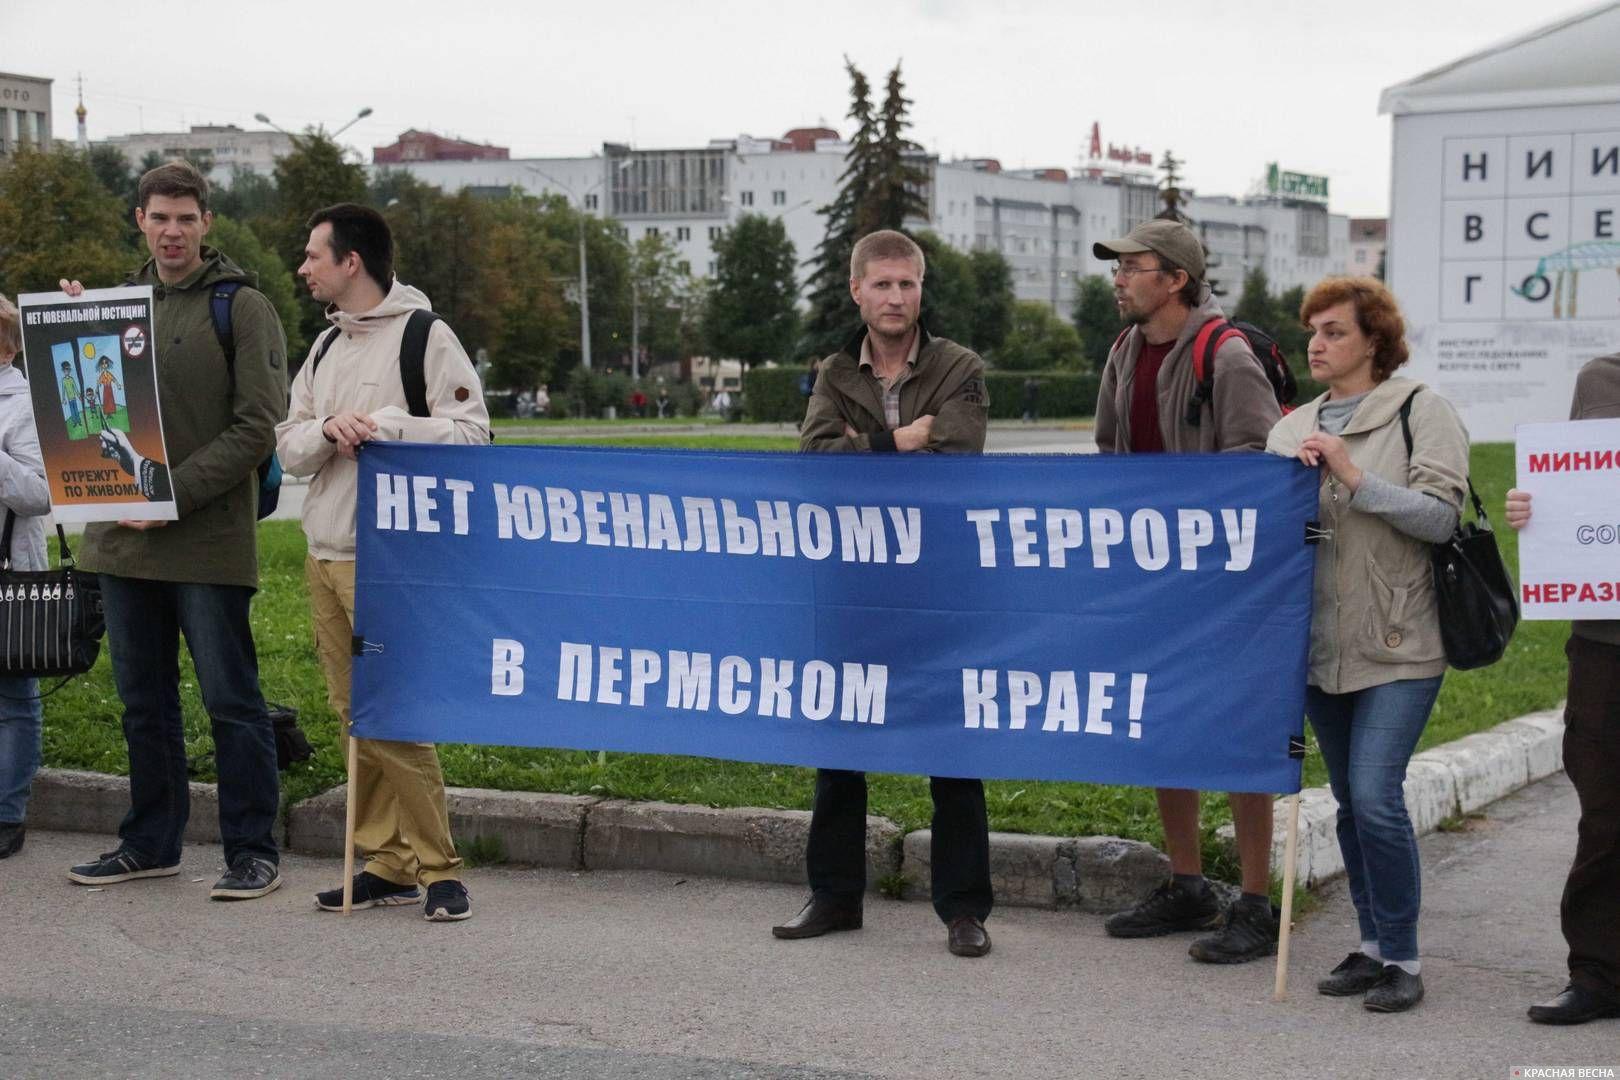 Пикет РВС против вторжения соцслужб в семью. Пермь, 9 августа 2019 г.